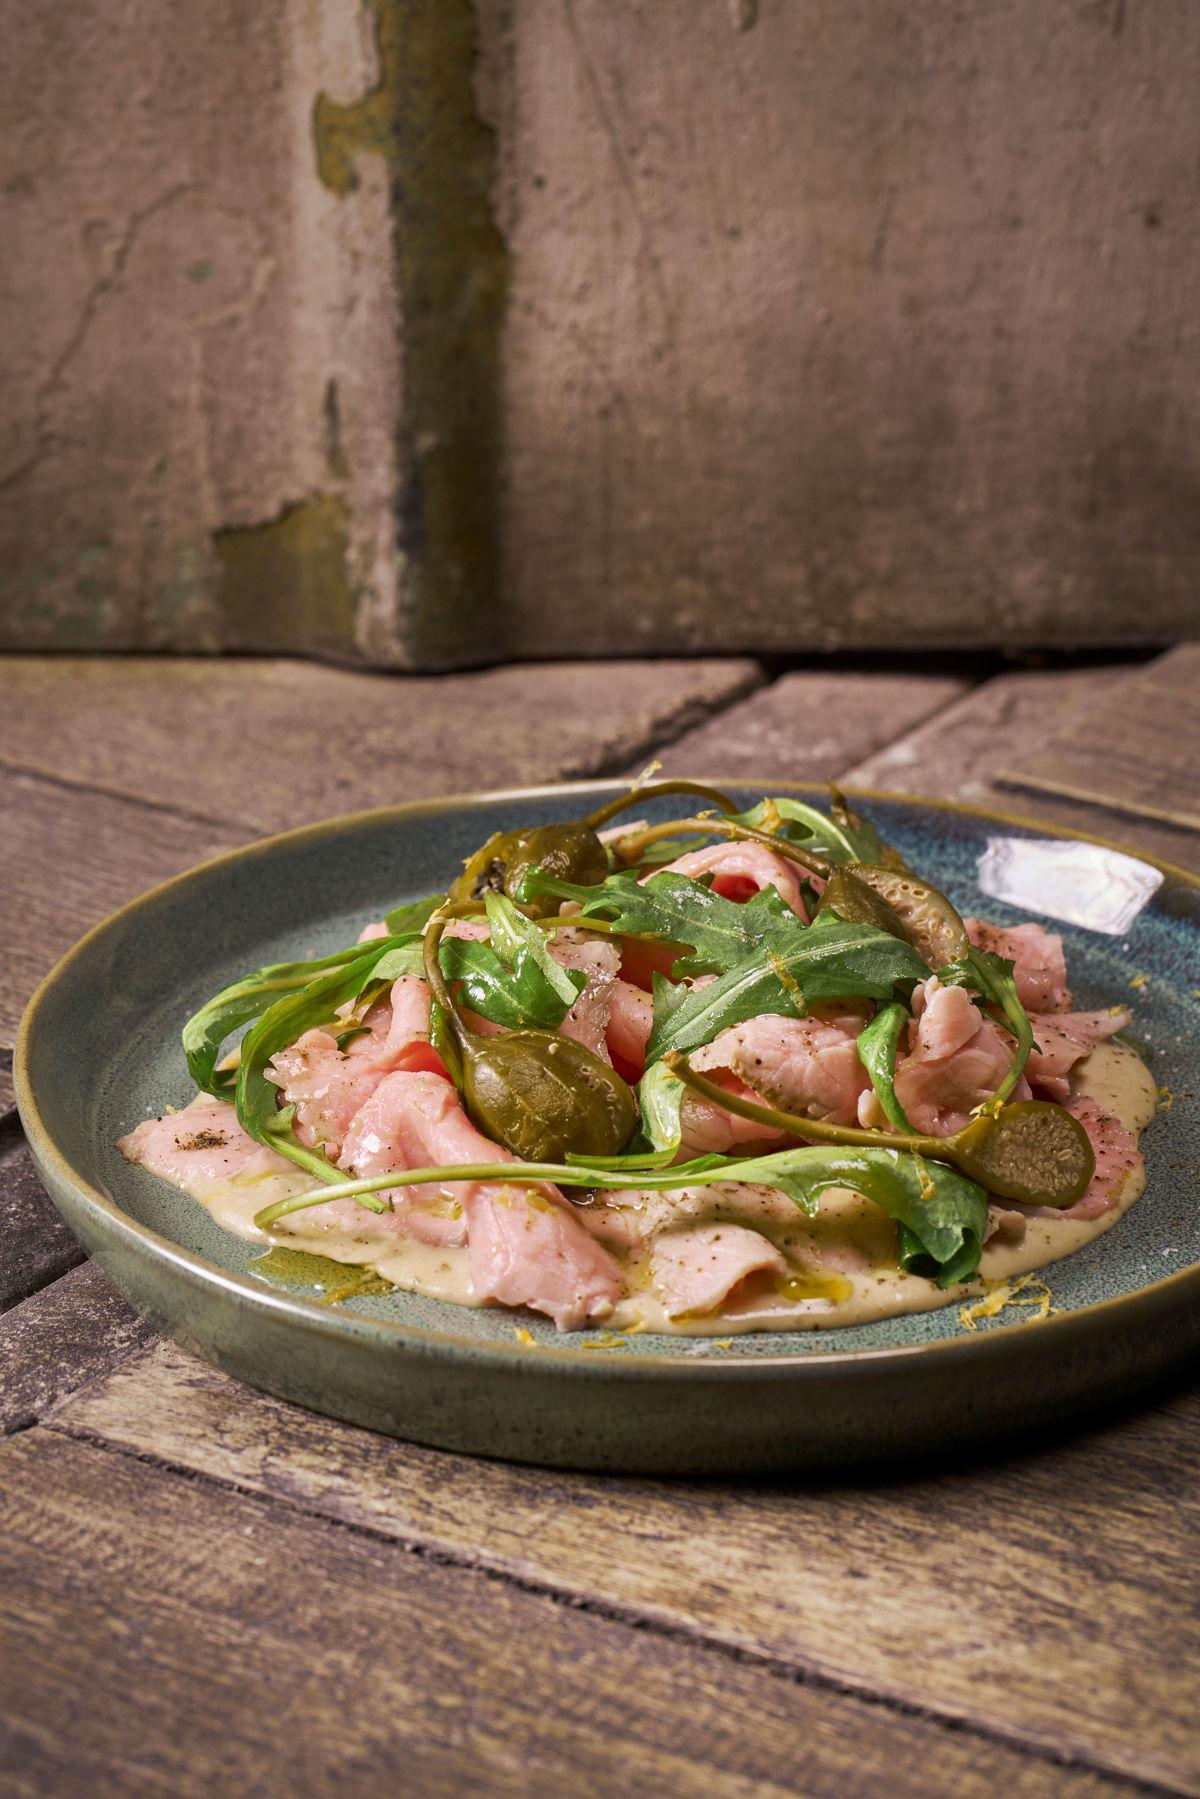 Jens lievelingsgerecht:Vitello TonnatoDe beste kwaliteit kalfsvlees in combinatie met écht goeie kappertjes en een smaakvolle basis, simpele maar écht goeie ingrediënten maken van deze klassieker een echte topper.